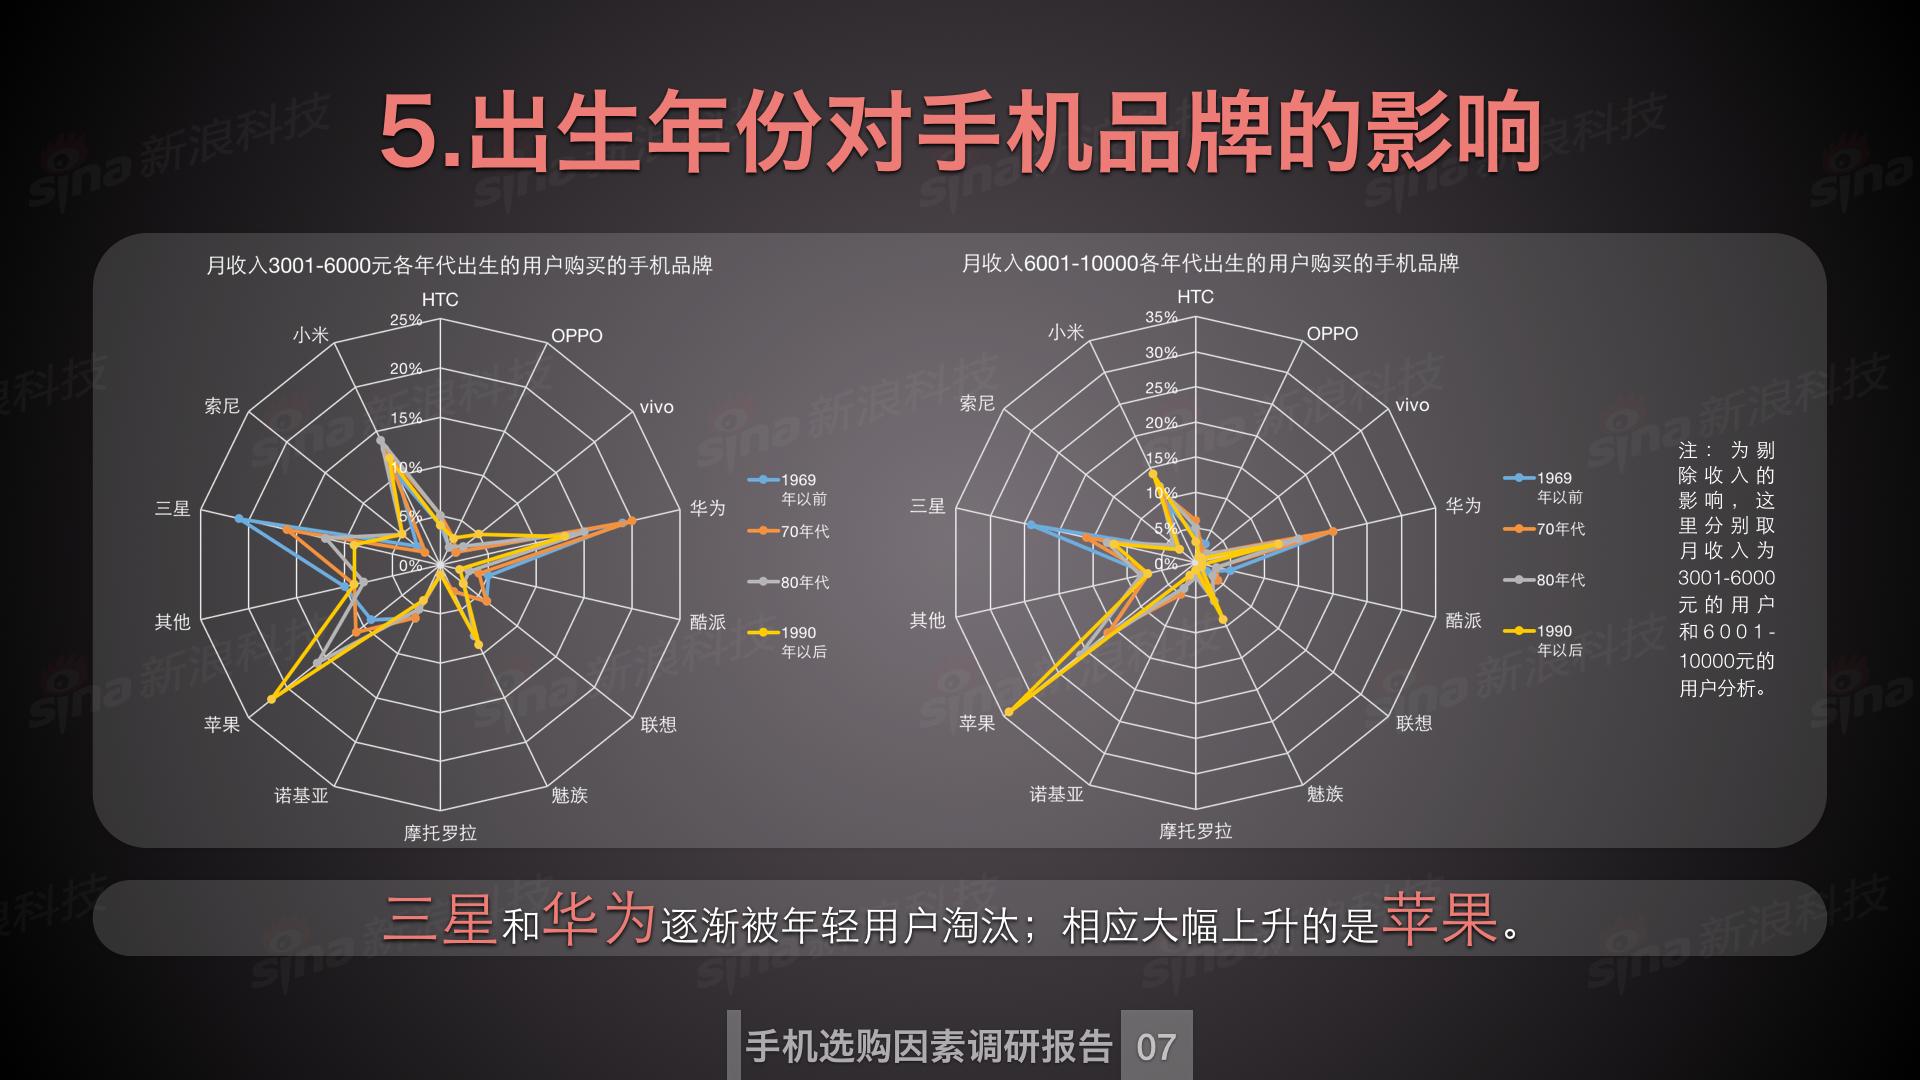 新浪科技数据中心_购买手机因素调研.008